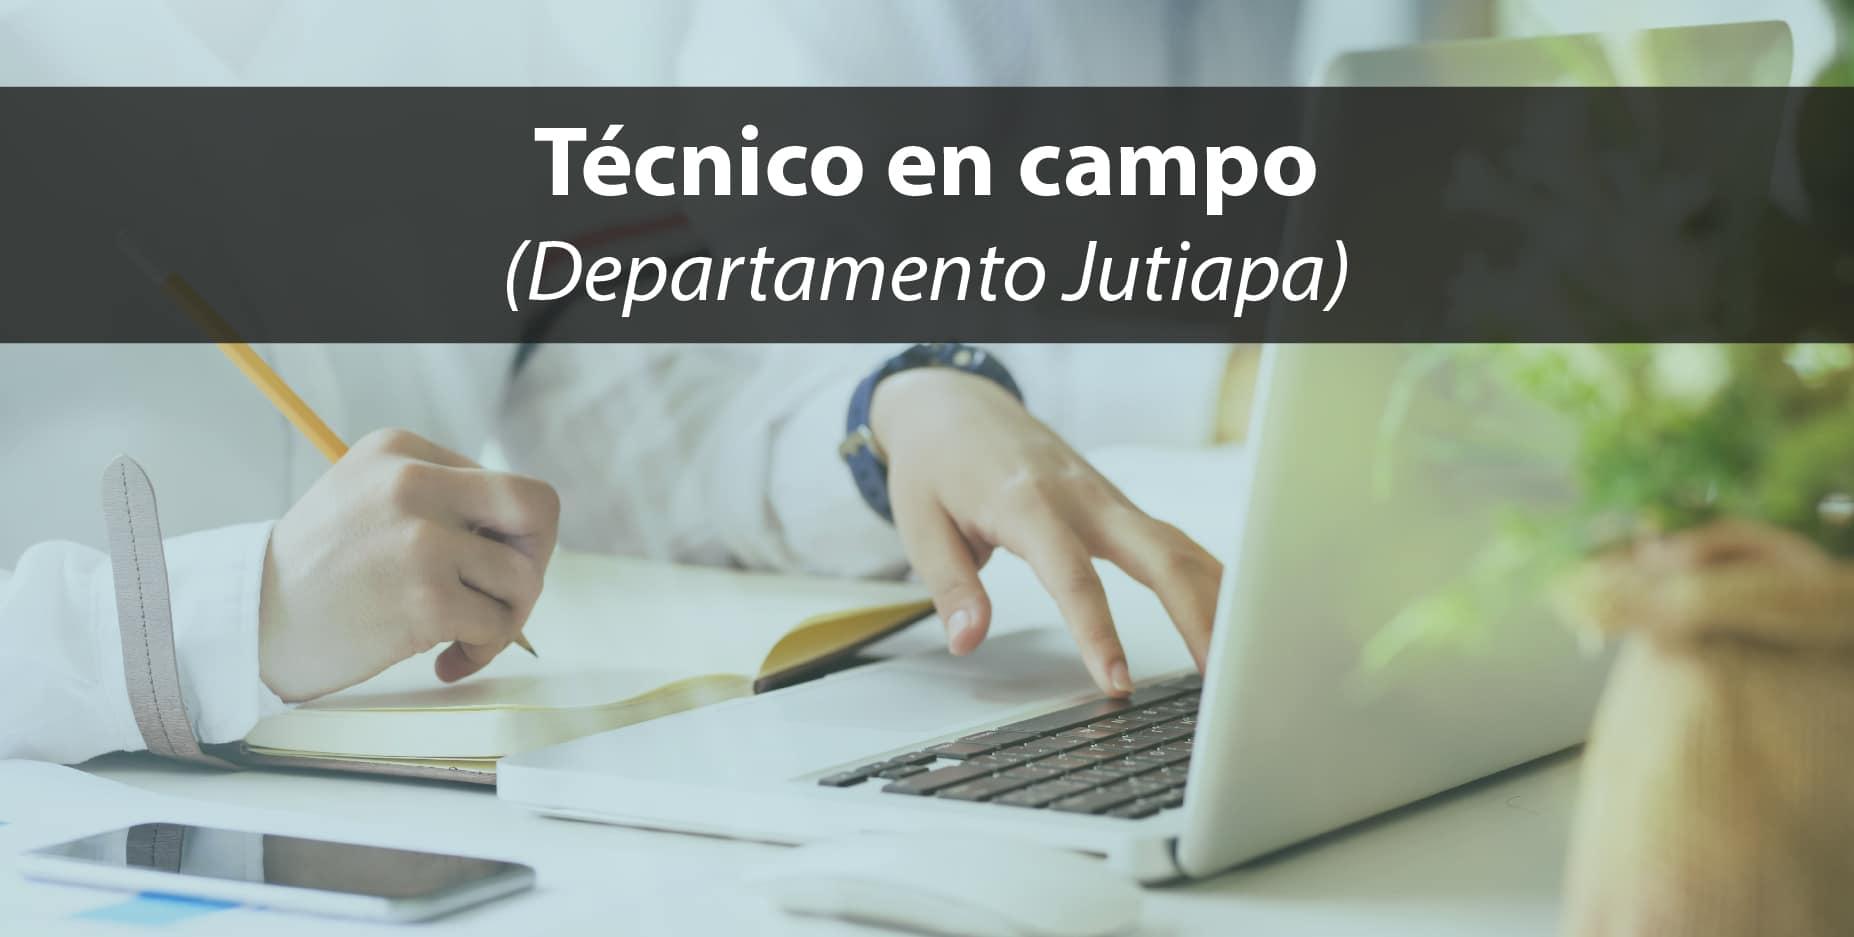 ANEXO I: Término de Referencia Técnico en campo para ejecutar programa de formación virtual en el departamento de Jutiapa